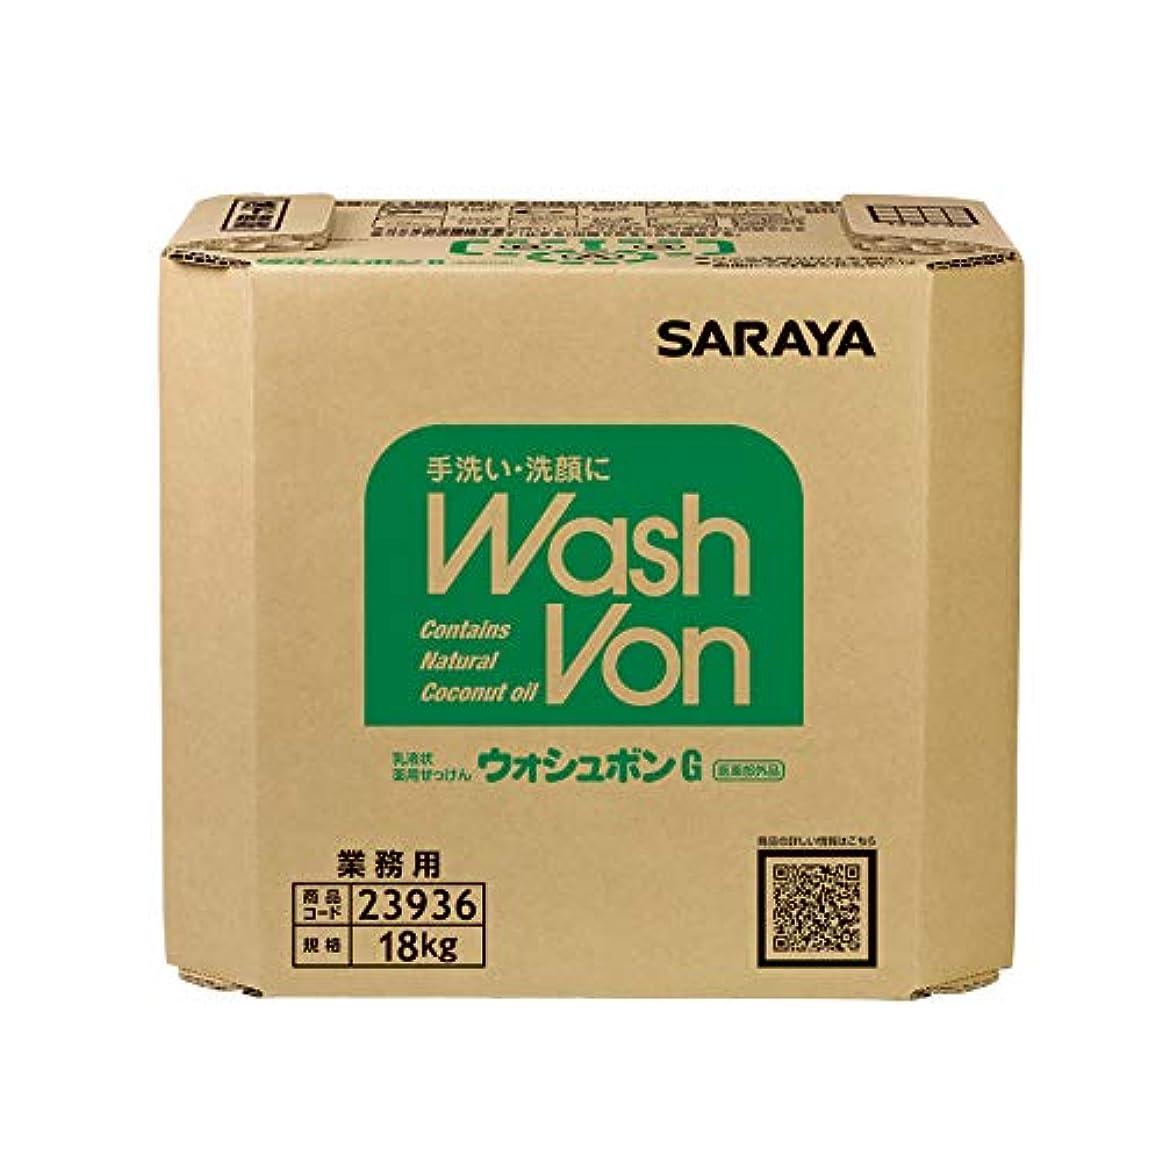 持っている流出もしサラヤ ウォシュボン G 18kg 23936 (コック付き)